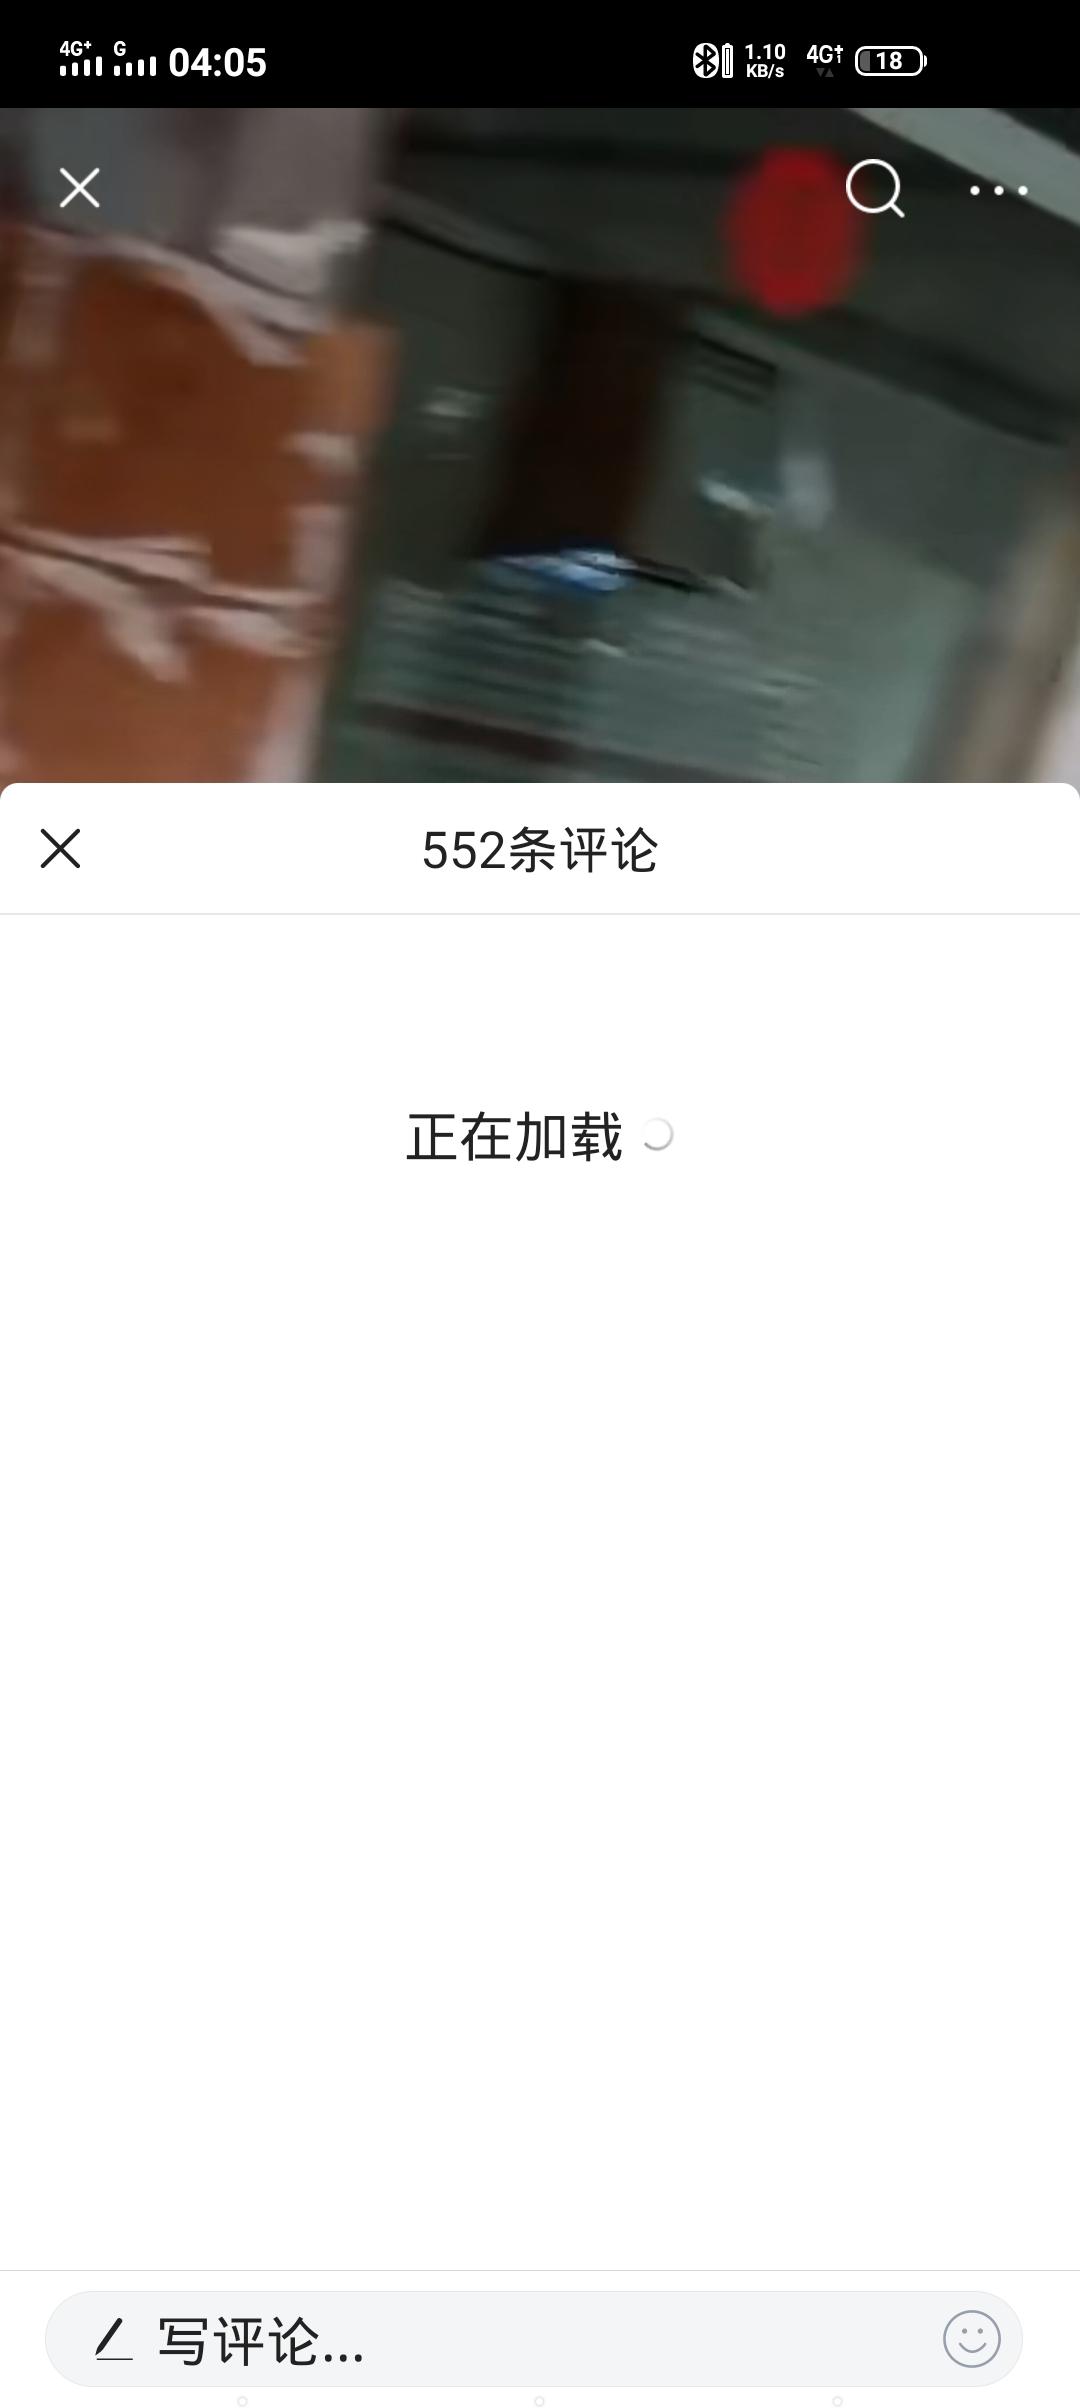 Screenshot_20200820_040548.jpg